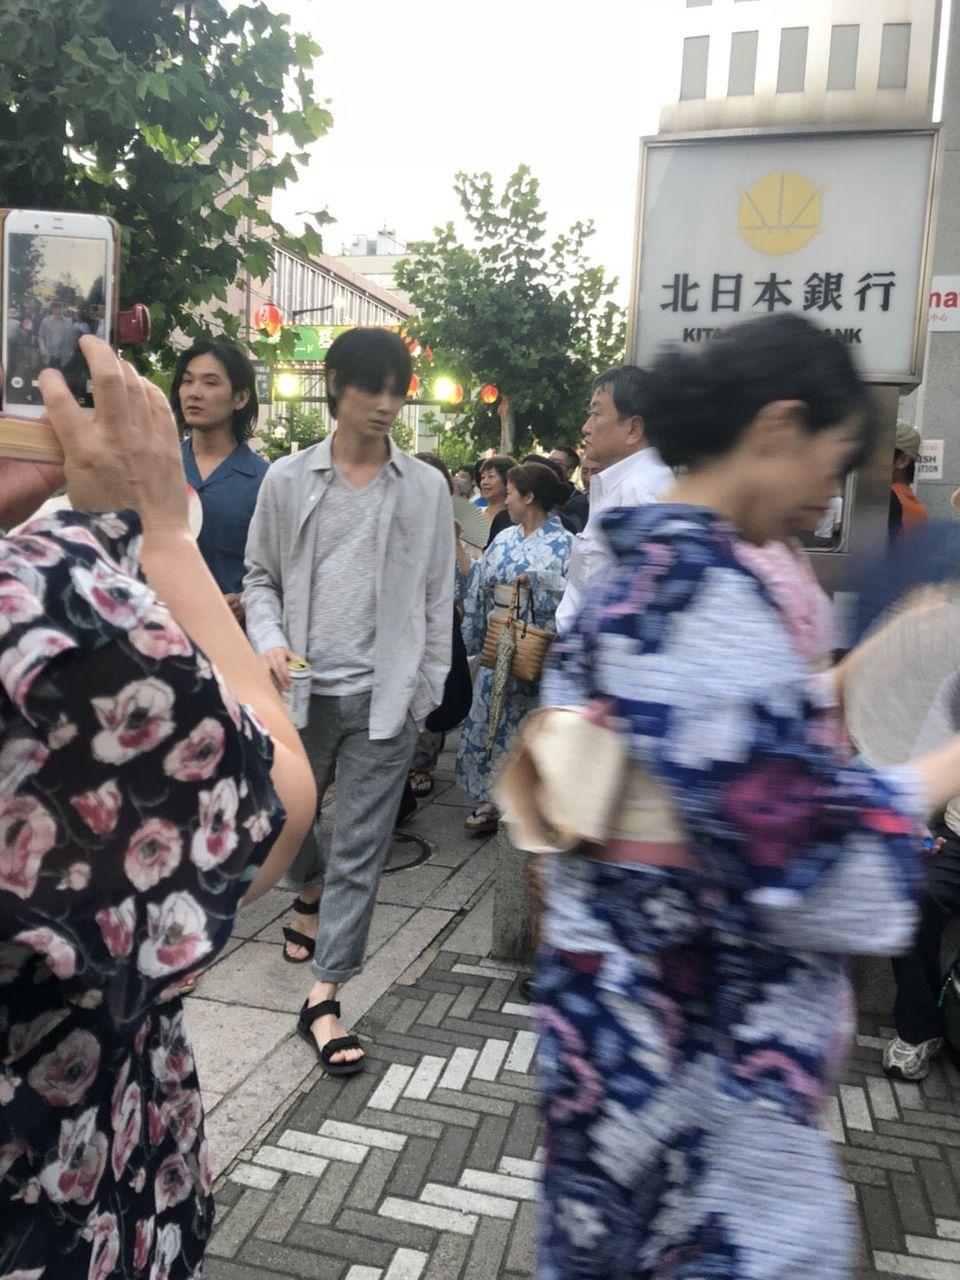 【朗報】綾野剛さん、夏祭りを満喫する